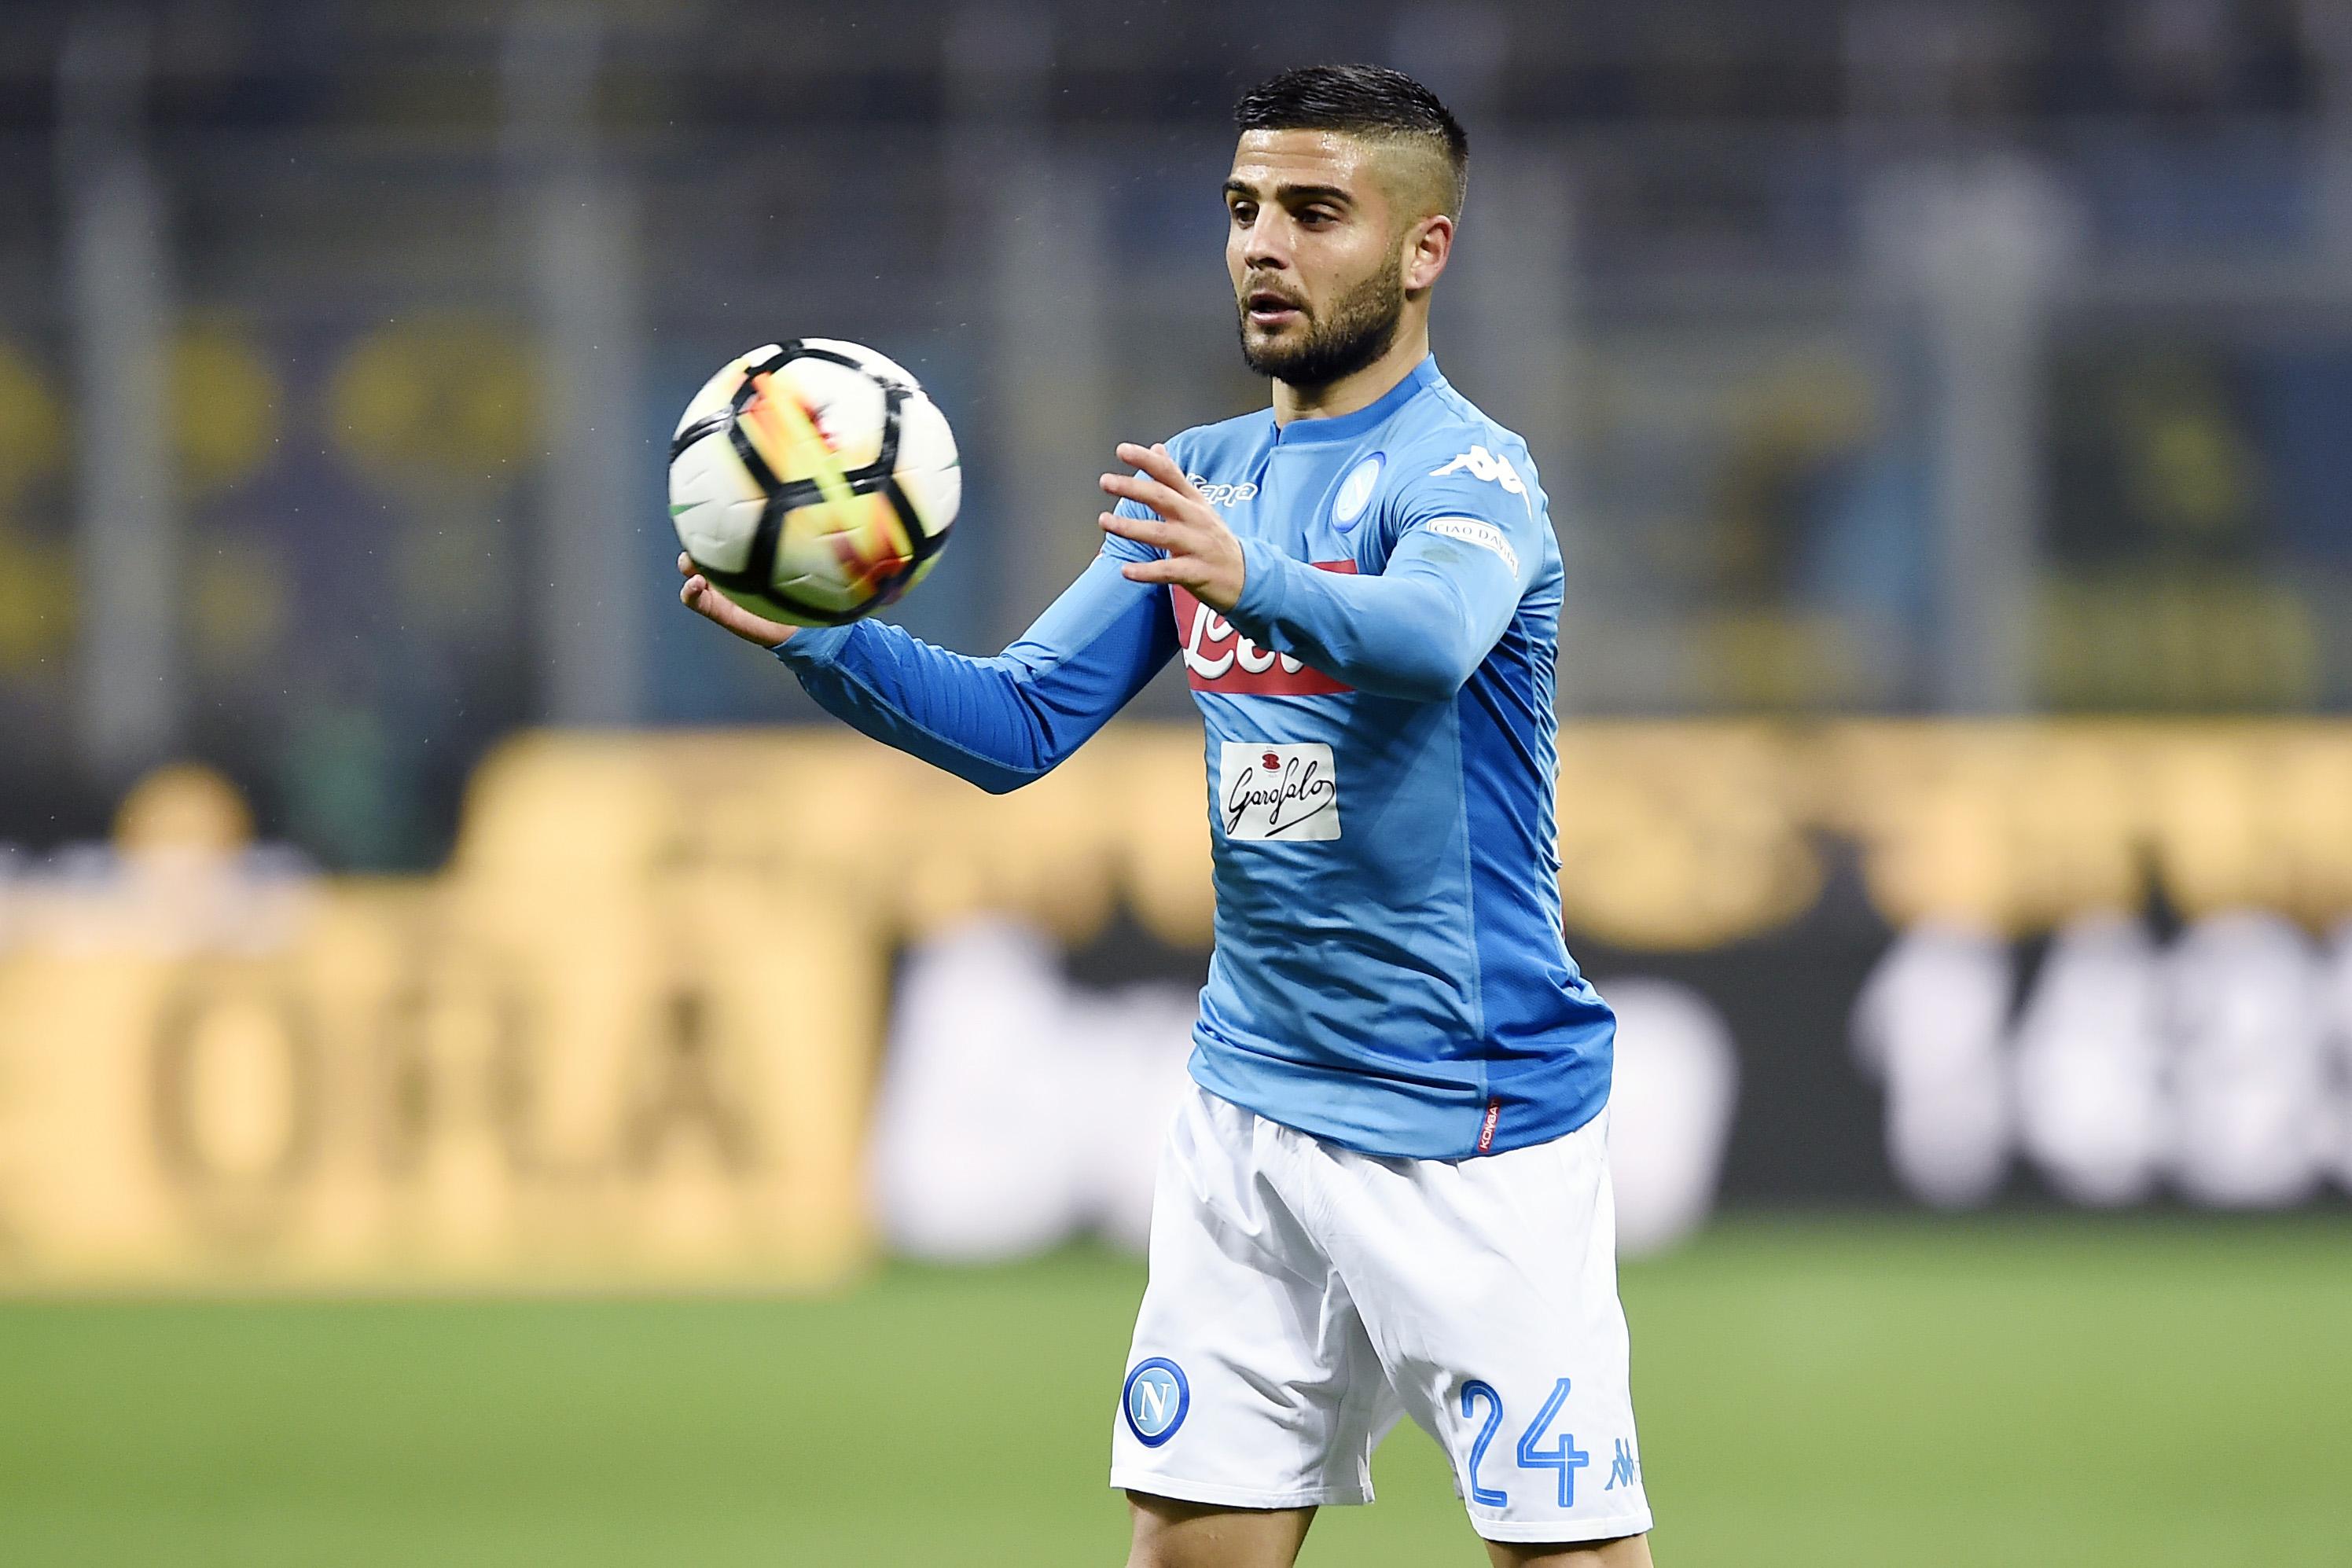 Football - Etranger - Serie A : Naples-Genoa en direct